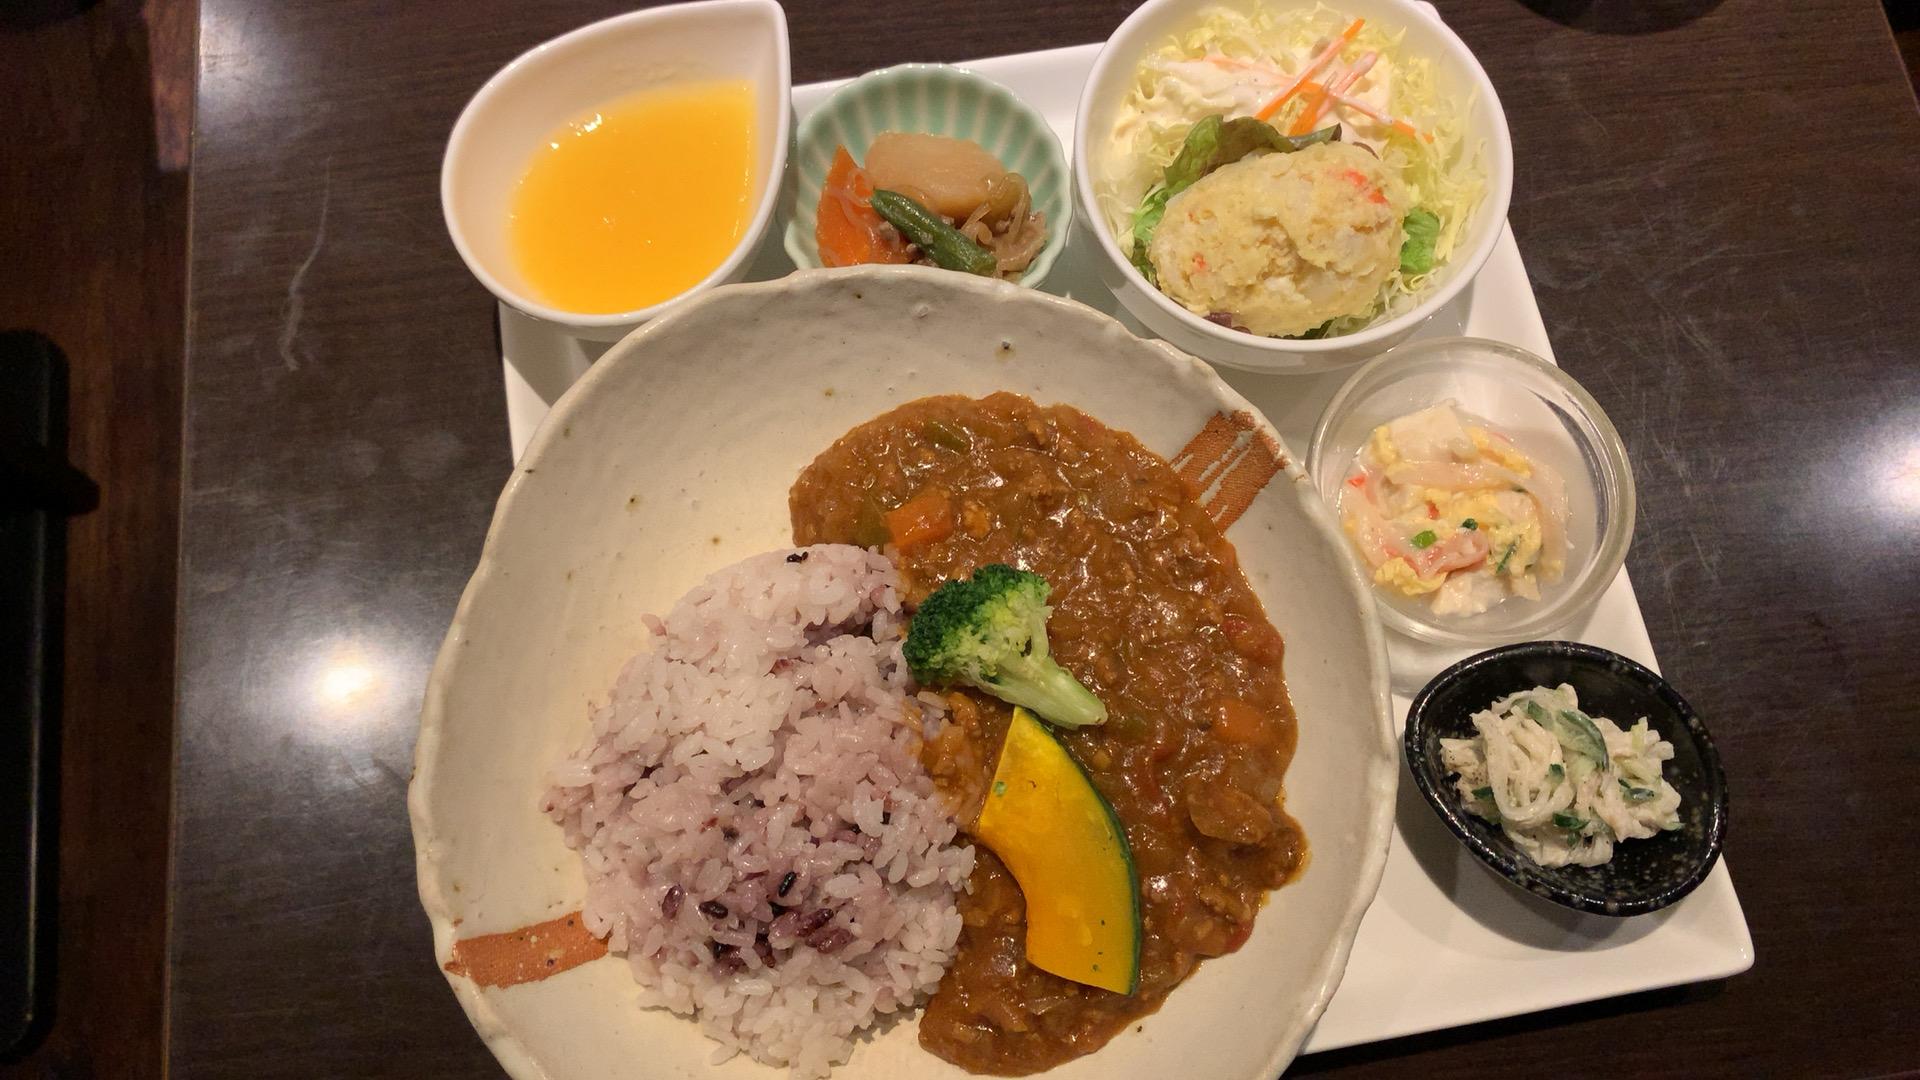 札幌・中央区 かふぇばる ゆう